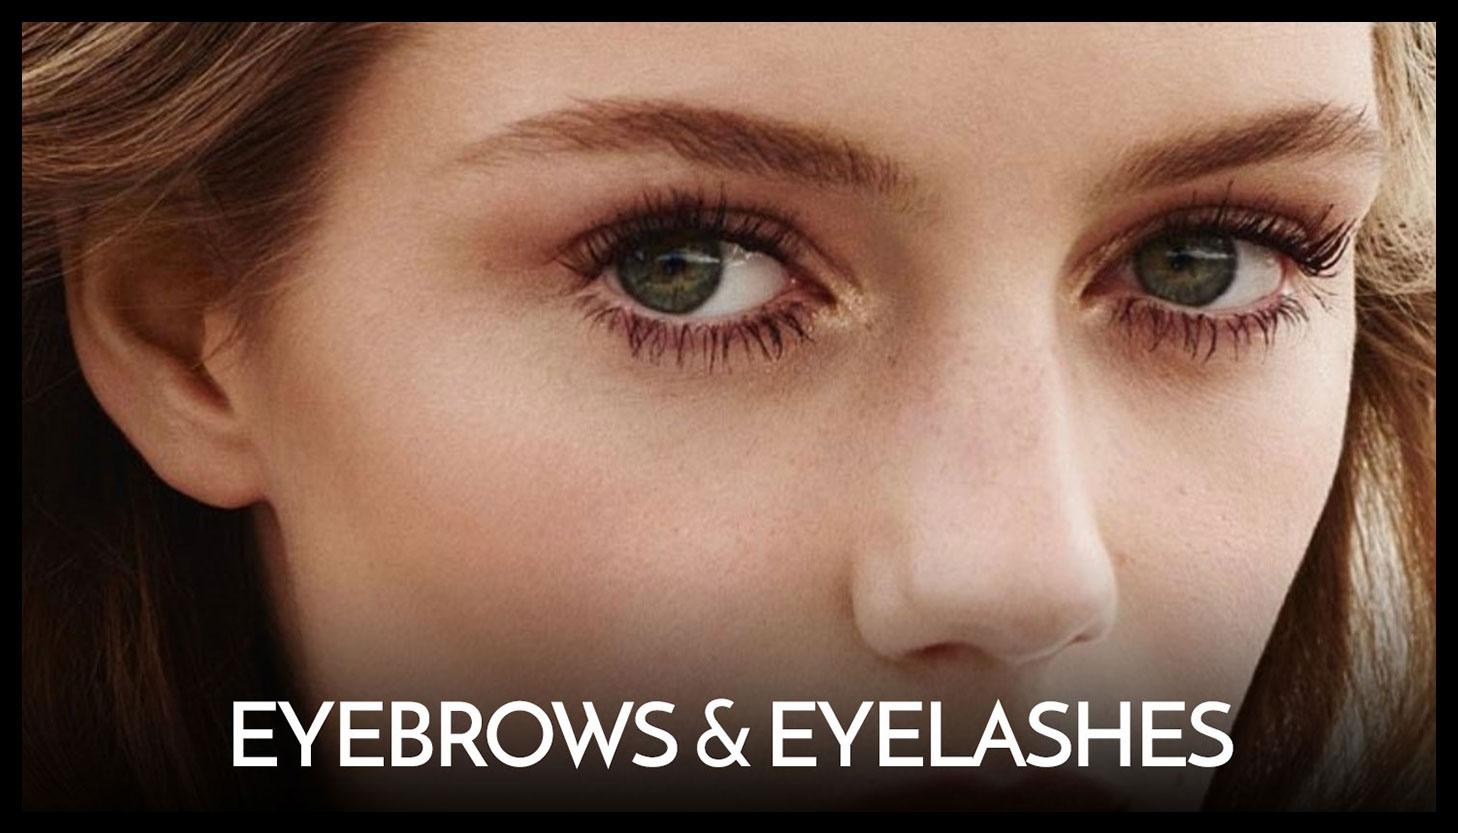 Eyebrows-&-eyelashes-hover